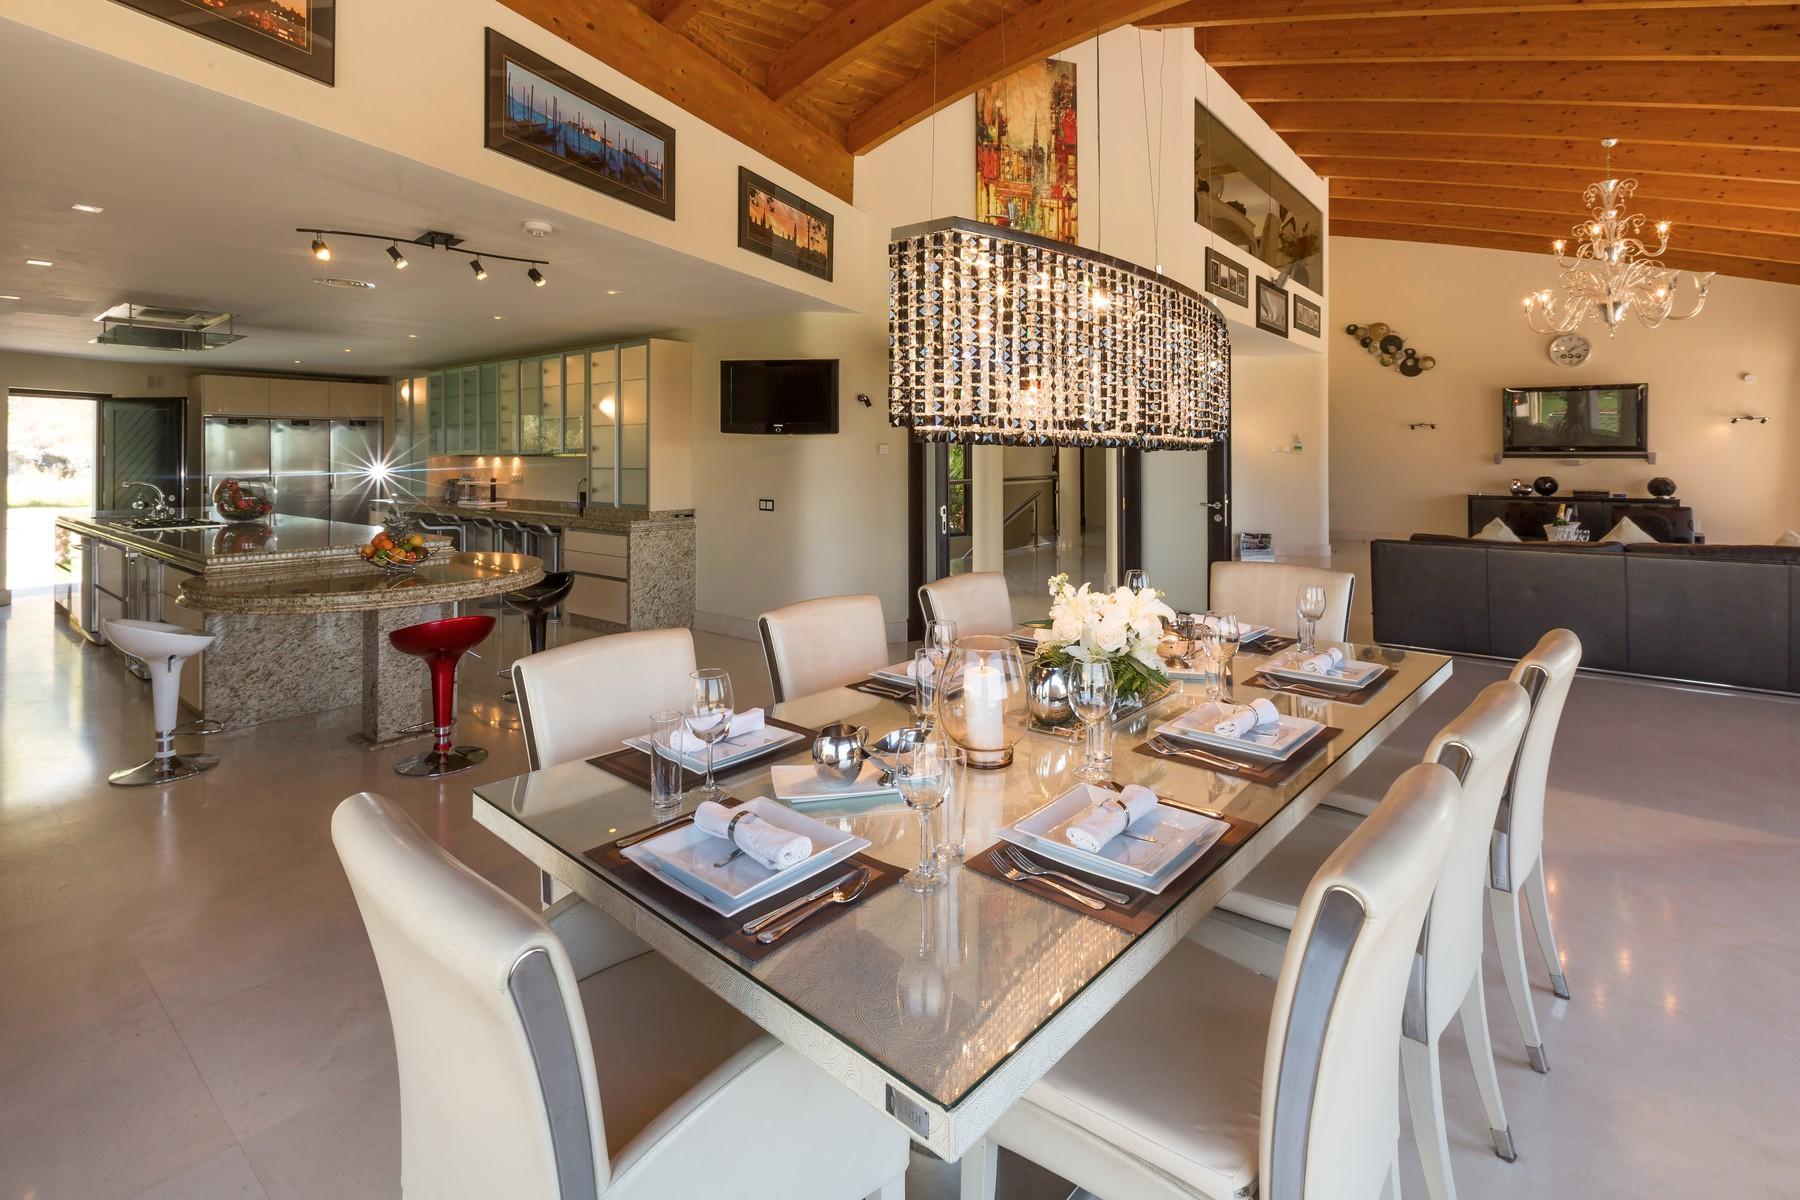 11-villa-el-cano-kitchen-dining-area